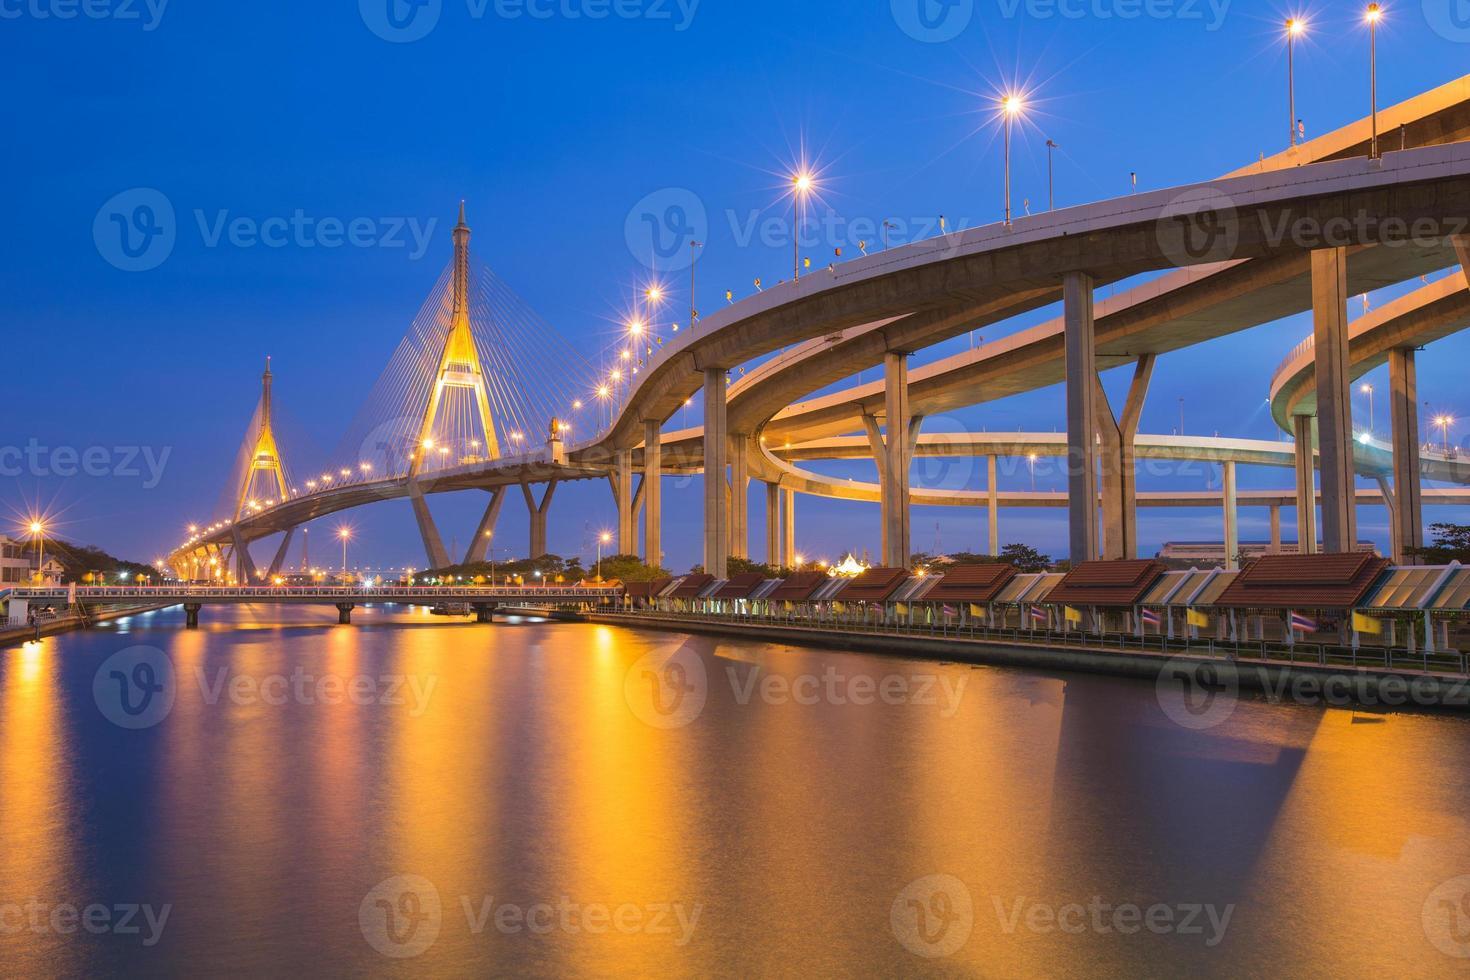 ponte de anel industrial através do rio foto